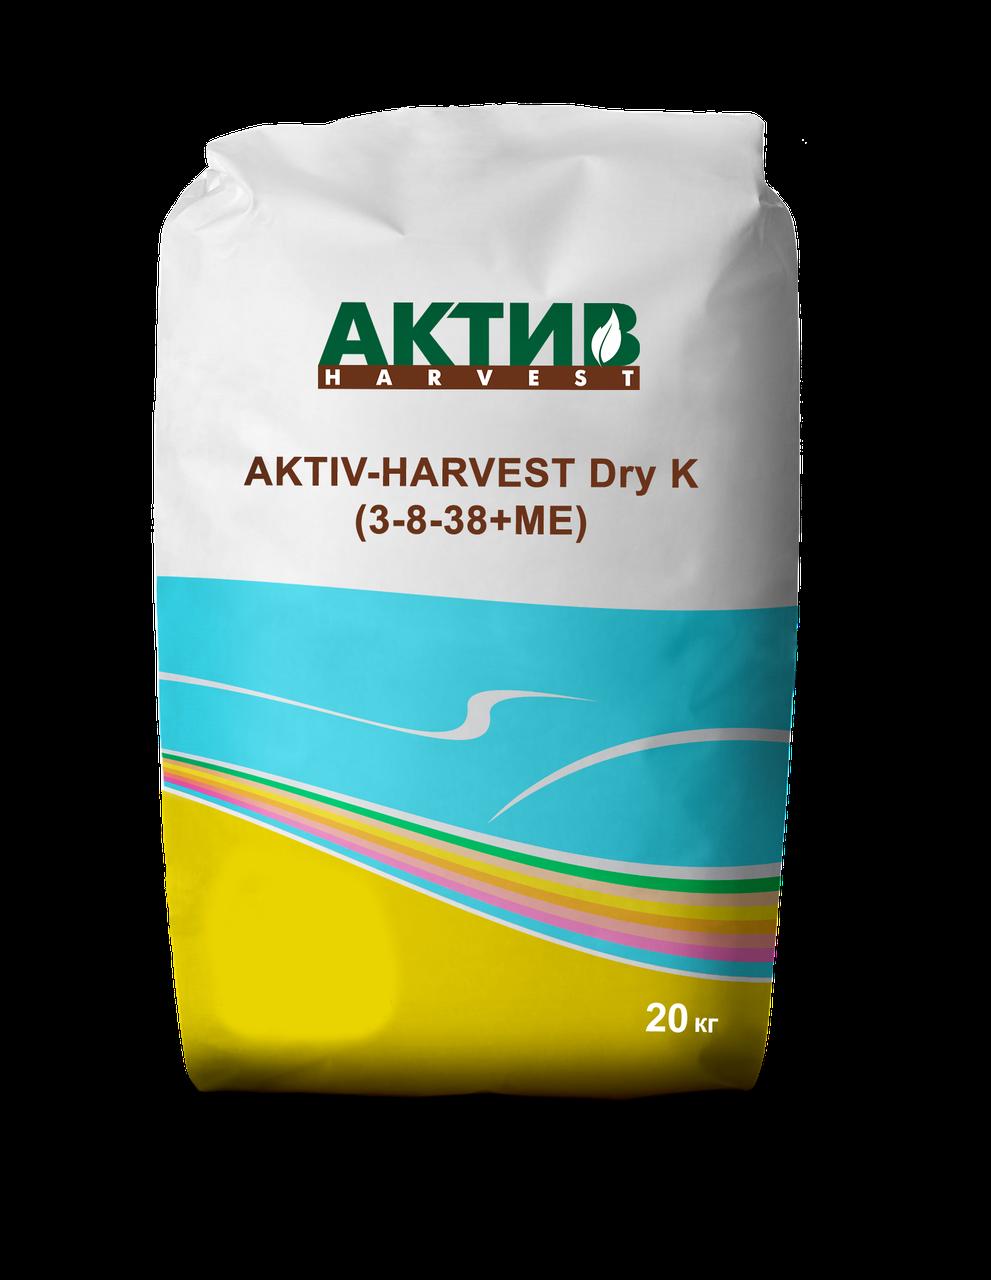 Мікродобриво Актив-Харвест Dry K (3-8-38+МЕ)